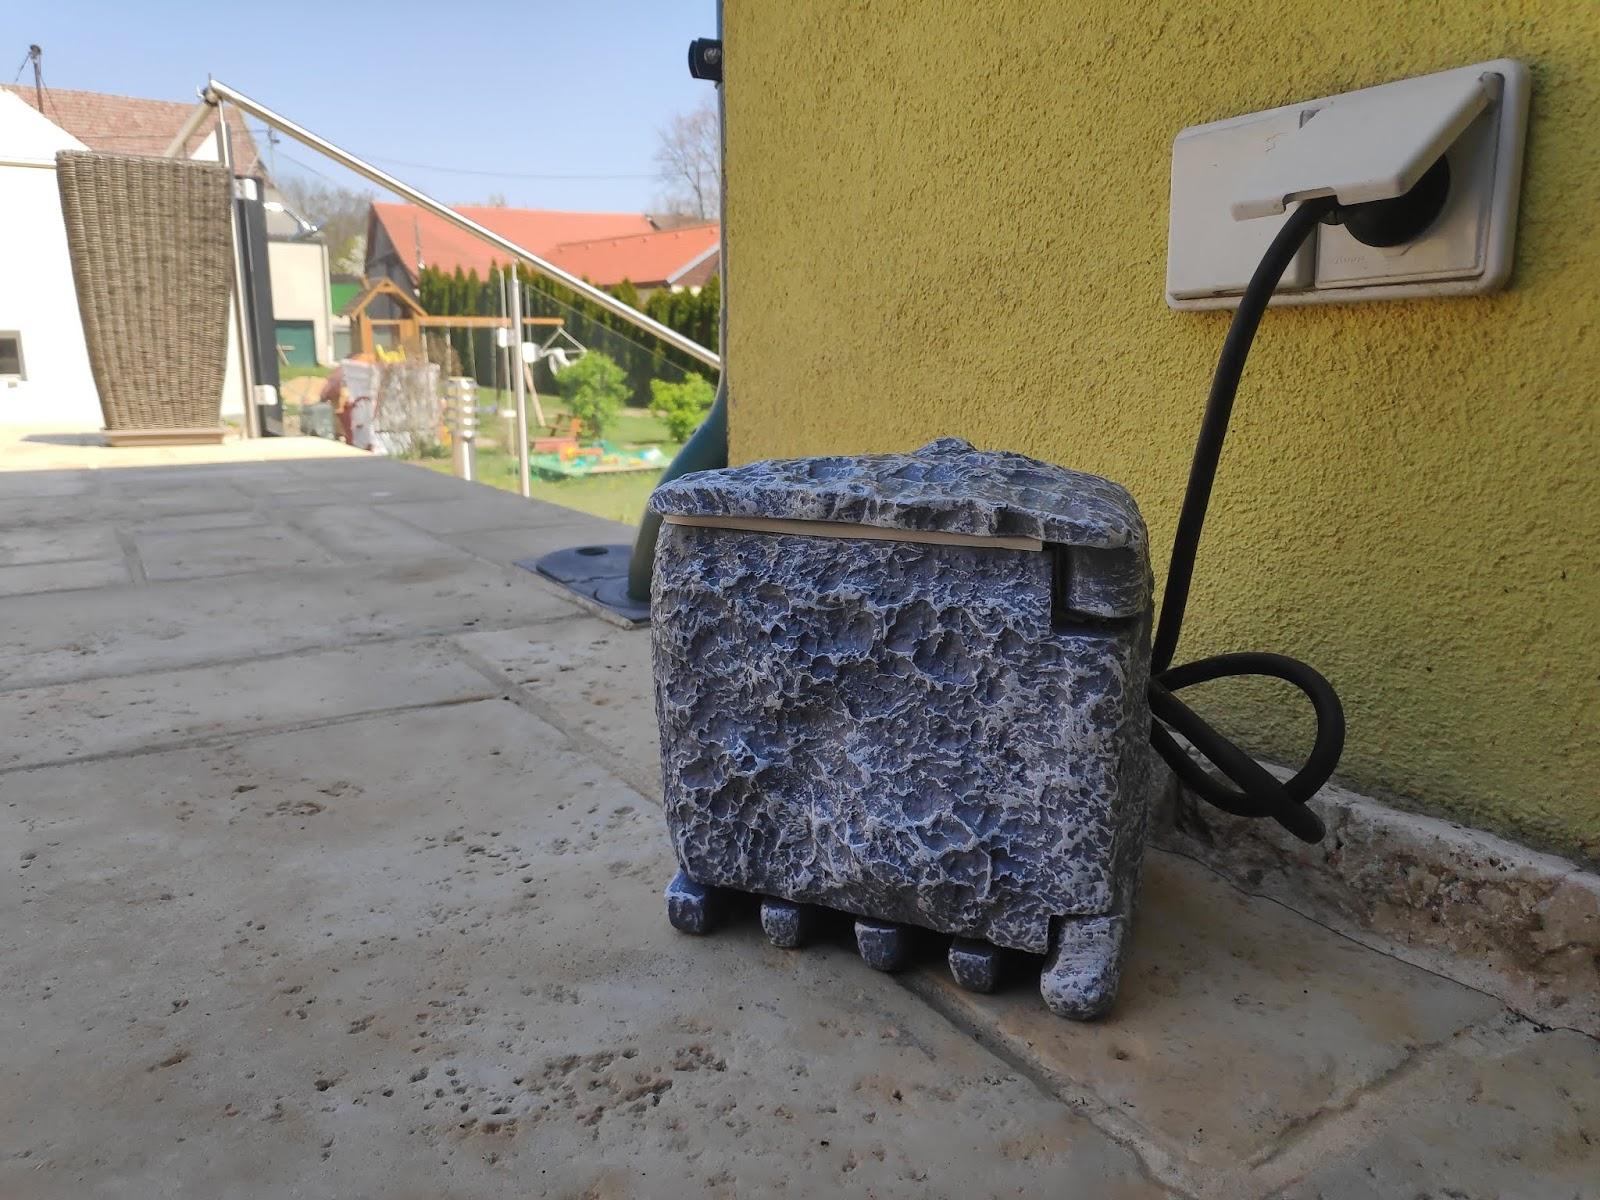 Holz Und Metall Ein Heimwerkerblog Outdoor Wlan Hotspot Aus